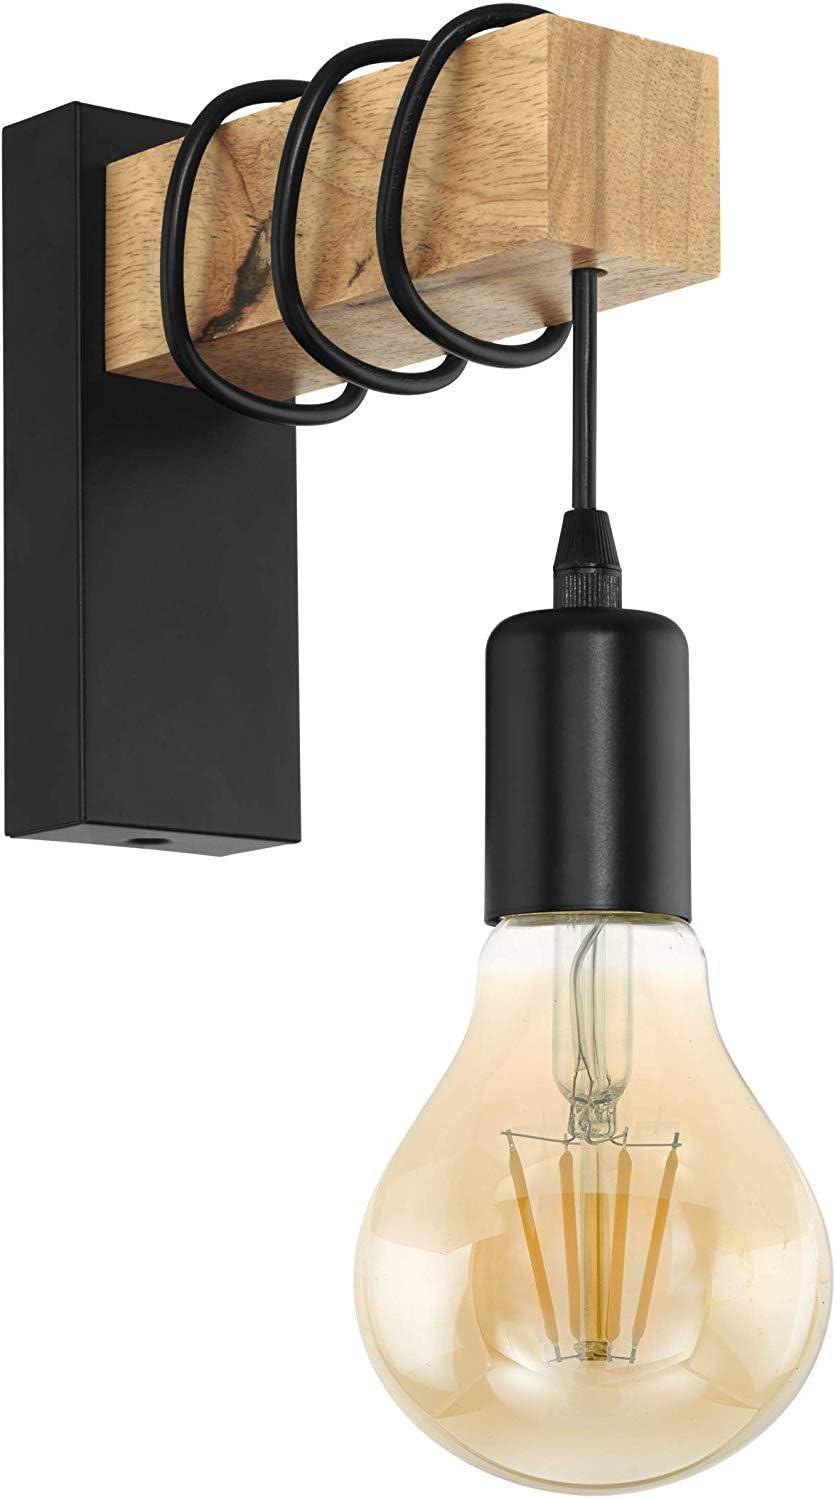 EGLO Townshend 95499 - Lámpara colgante de madera (E27, 6 luces)